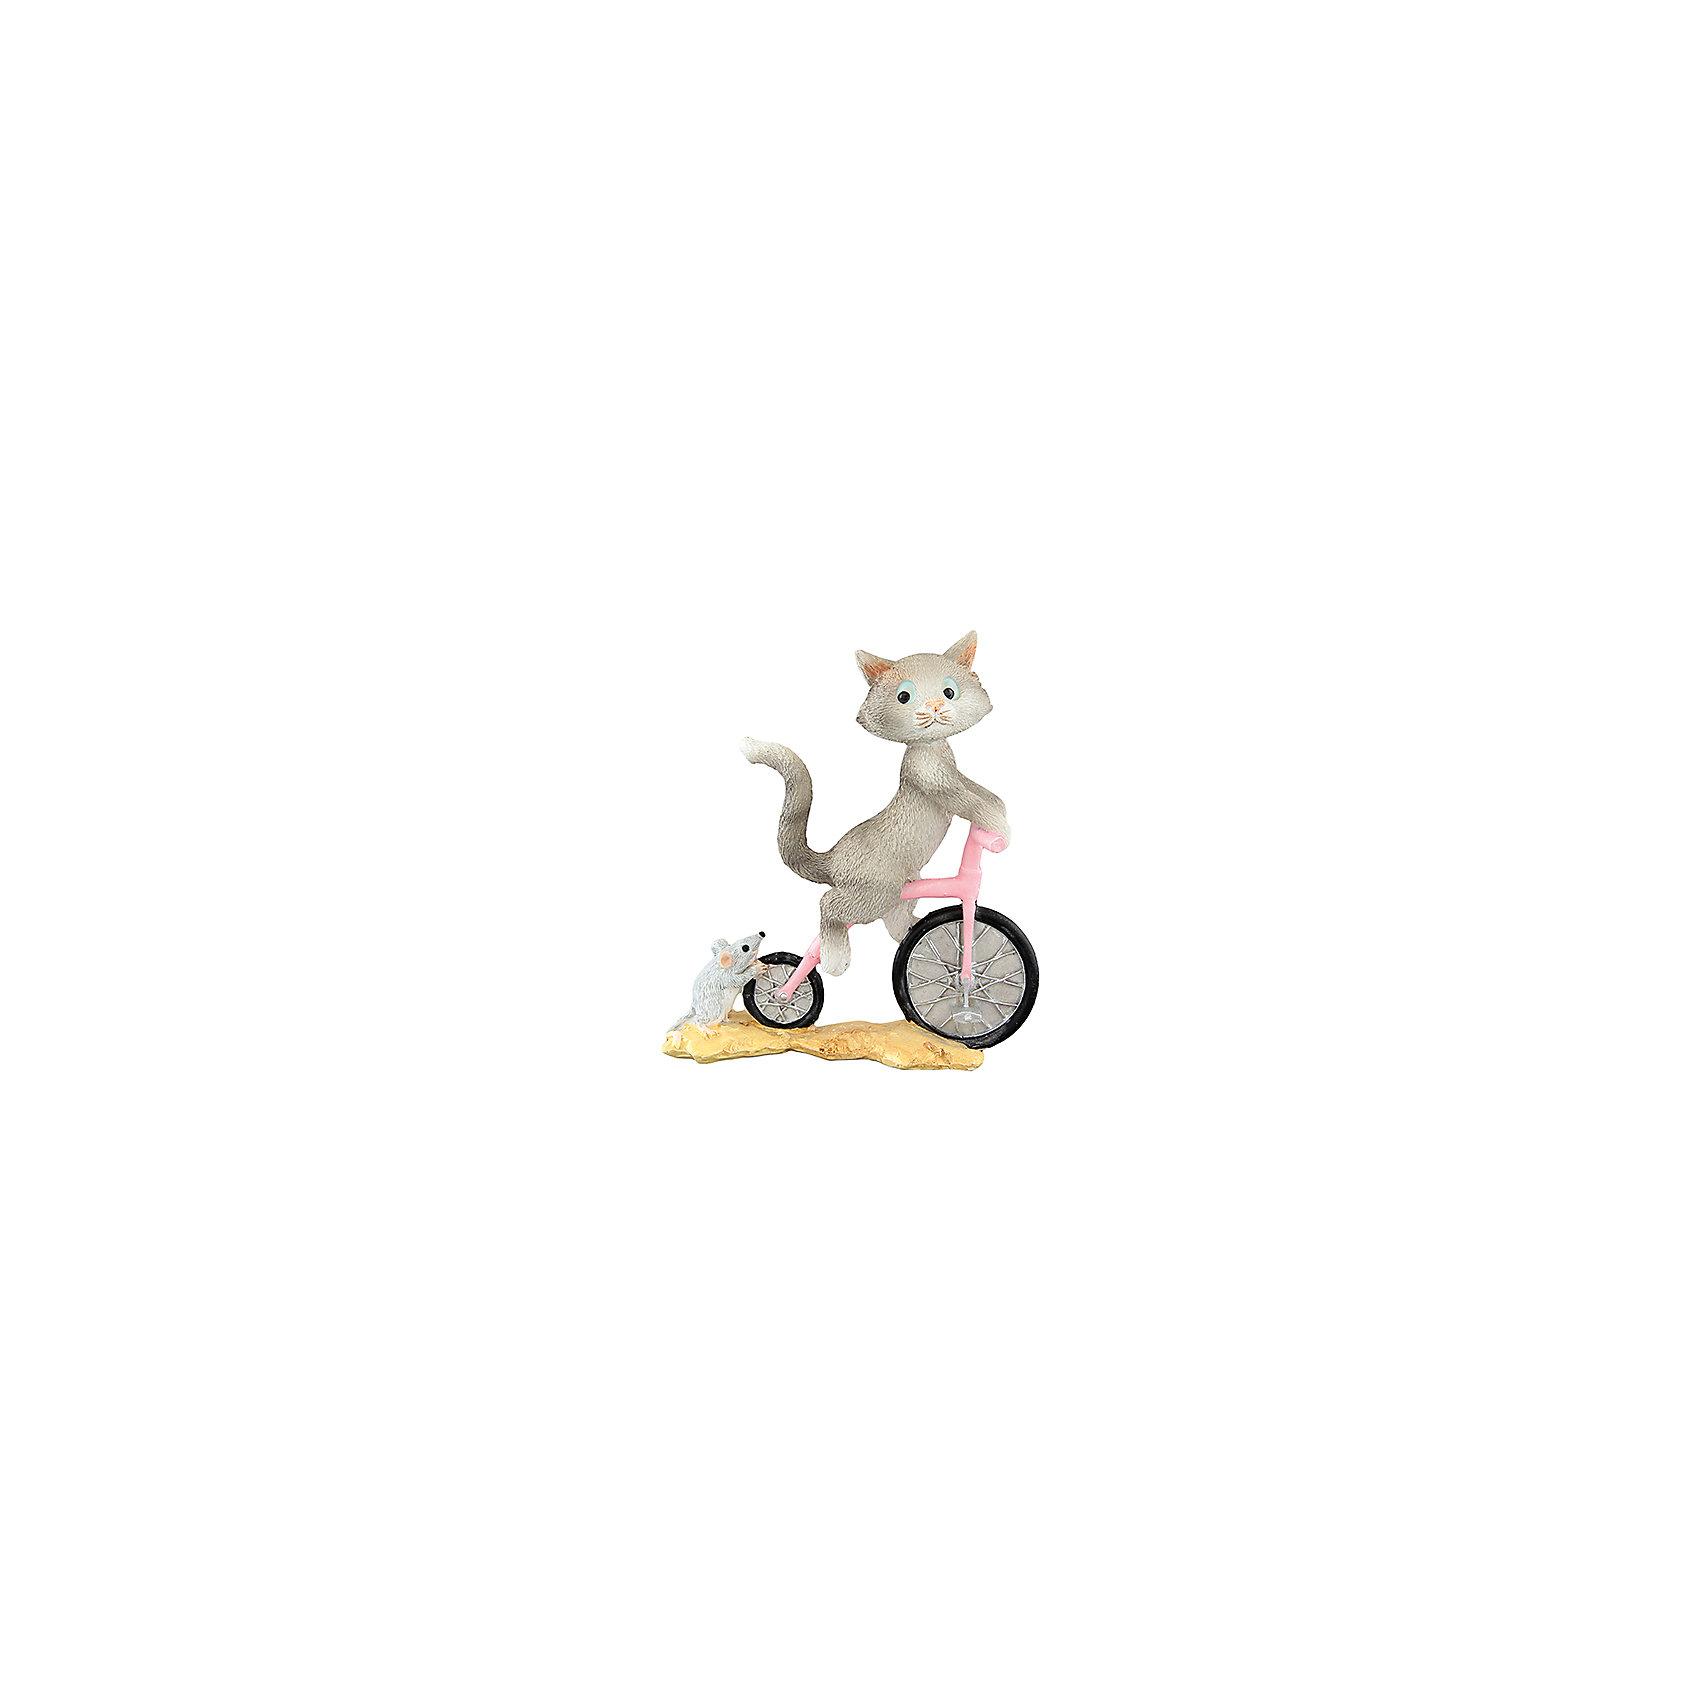 Фигурка декоративная Кот на велосипеде, Elan GalleryПредметы интерьера<br>Характеристики товара:<br><br>• цвет: мульти<br>• материал: полистоун<br>• высота: 10 см<br>• вес: 200 г<br>• подходит к любому интерьеру<br>• отлично проработаны детали<br>• универсальный размер<br>• страна бренда: Российская Федерация<br>• страна производства: Китай<br><br>Такая декоративная фигурка - отличный пример красивой вещи для любого интерьера. Благодаря универсальному дизайну и расцветке она хорошо будет смотреться в помещении.<br><br>Декоративная фигурка может стать отличным приобретением для дома или подарком для любителей симпатичных вещей, украшающих пространство.<br><br>Бренд Elan Gallery - это красивые и практичные товары для дома с современным дизайном. Они добавляют в жильё уюта и комфорта! <br><br>Фигурку декоративную Кот на велосипеде Elan Gallery можно купить в нашем интернет-магазине.<br><br>Ширина мм: 128<br>Глубина мм: 58<br>Высота мм: 111<br>Вес г: 222<br>Возраст от месяцев: 0<br>Возраст до месяцев: 1188<br>Пол: Унисекс<br>Возраст: Детский<br>SKU: 6669000